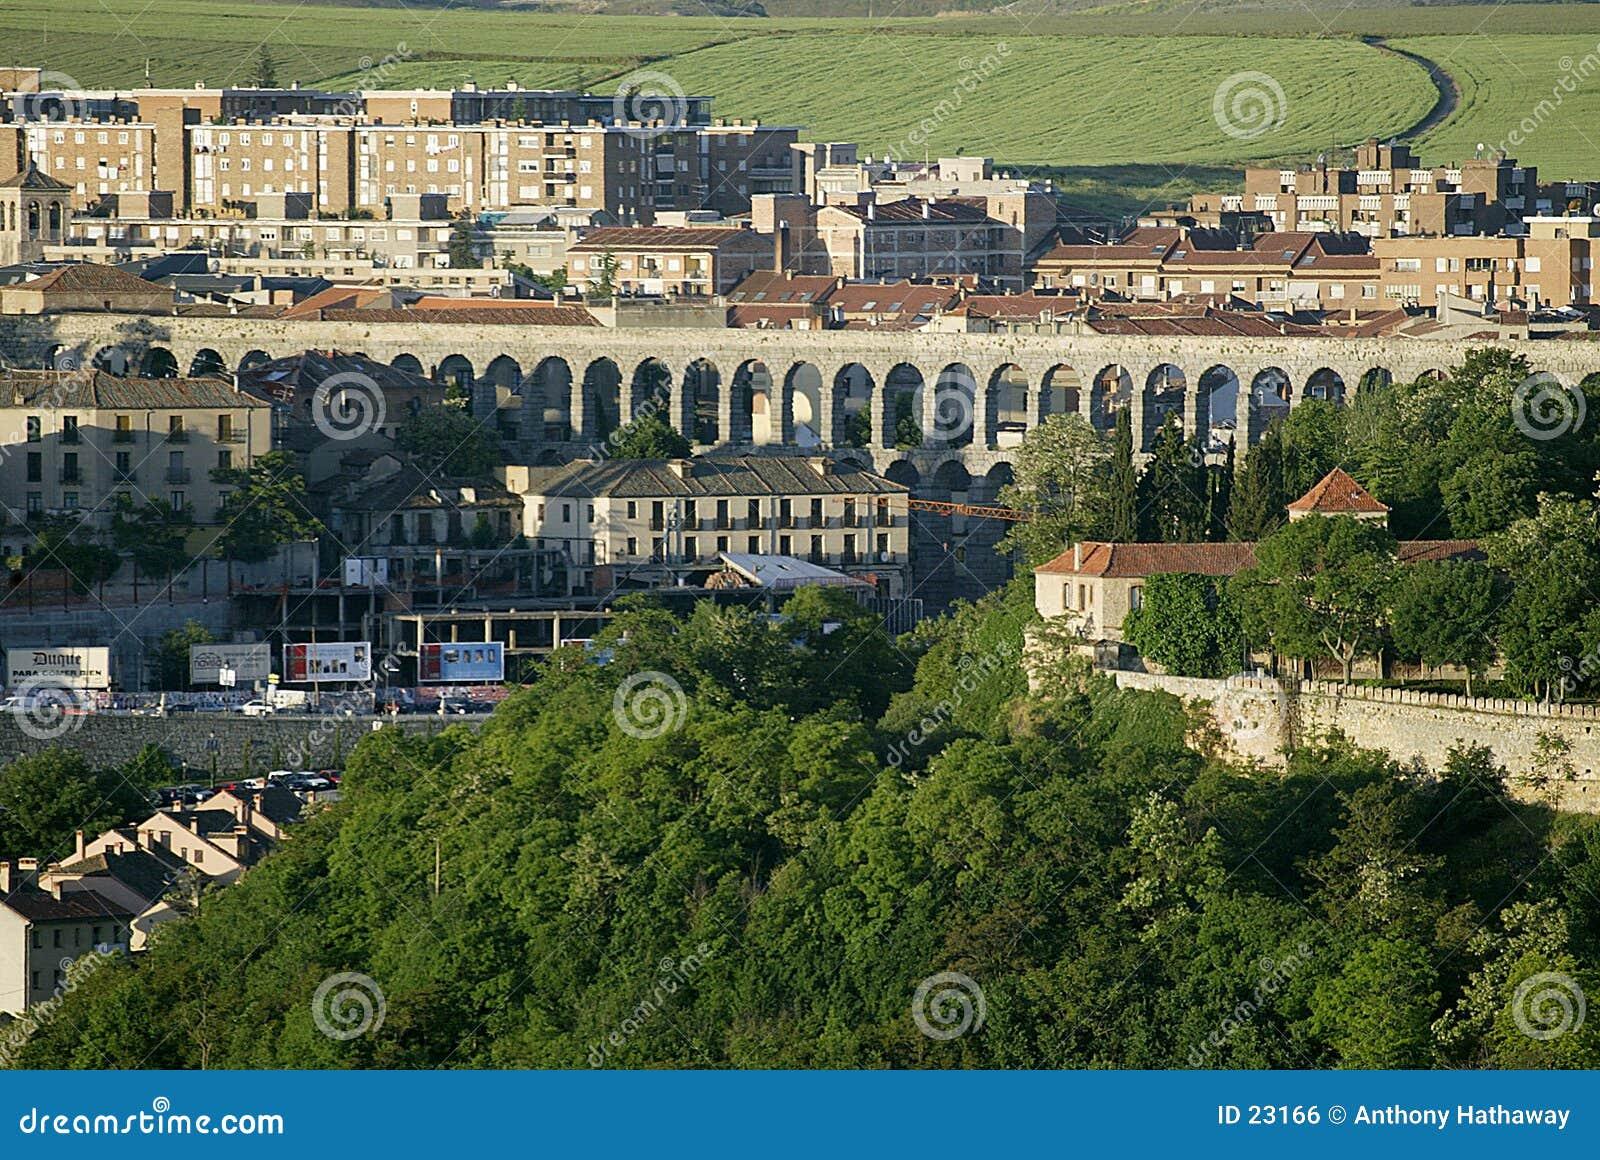 мост-водовод segovia Испания